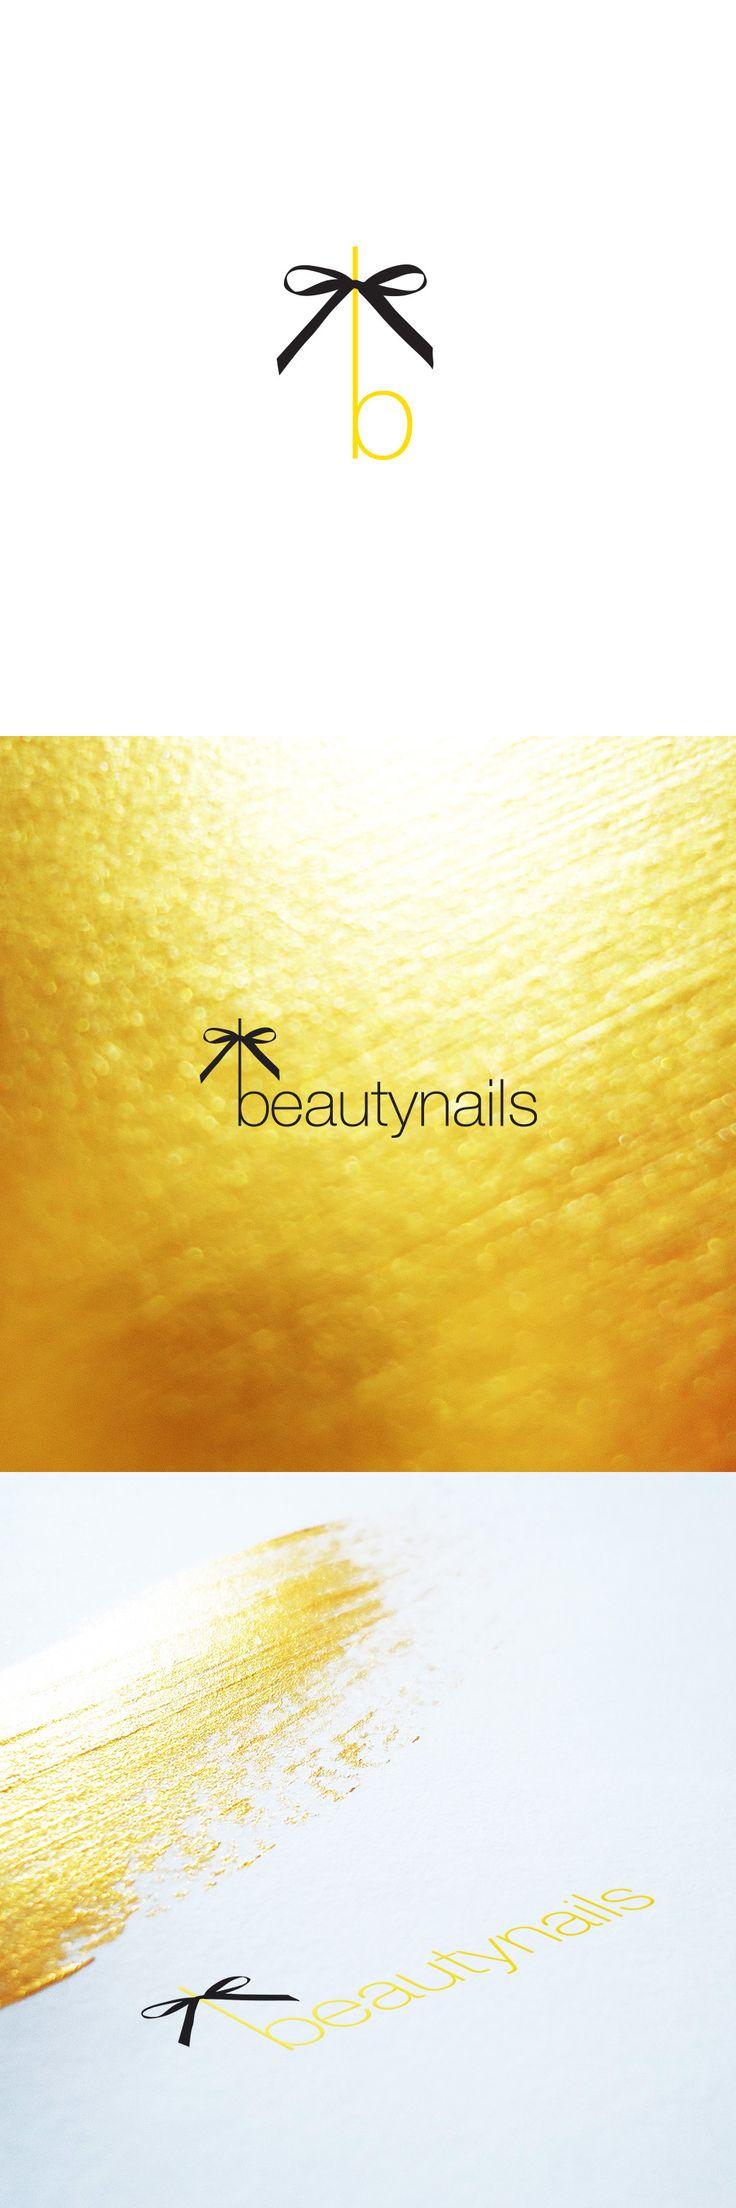 Porque pintarse las uñas es mucho más de lo que parece. Pinceladas de oro para la imagen corporativa de un centro de estética dedicado al cuidado de las uñas. #estudioisdesign #creamosmarca #design #diseño #oro #negro #minimalista #tipográfico #logo #type